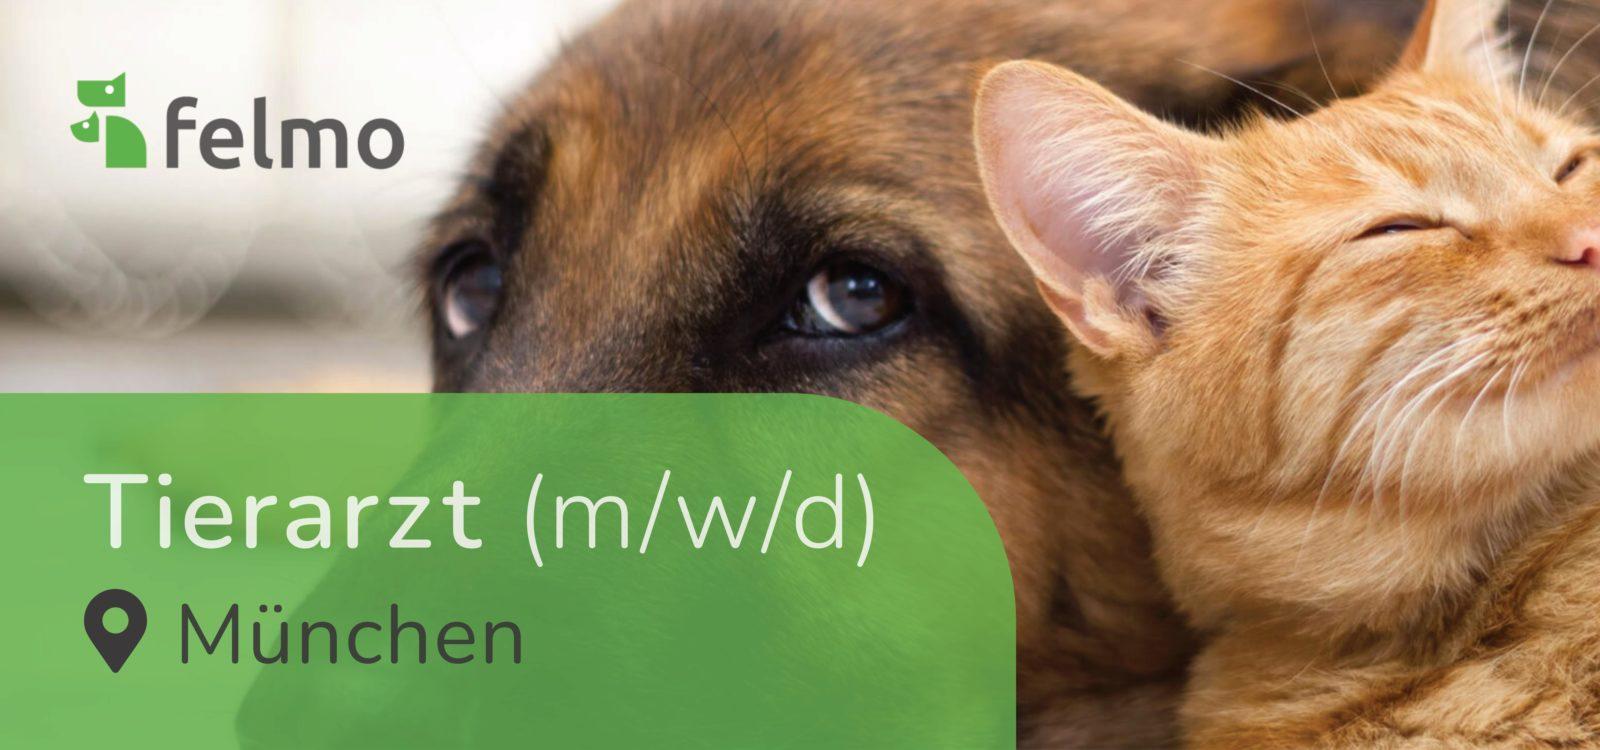 felmo GmbH - Tierärztin/Tierarzt (m/w/d) in München gesucht